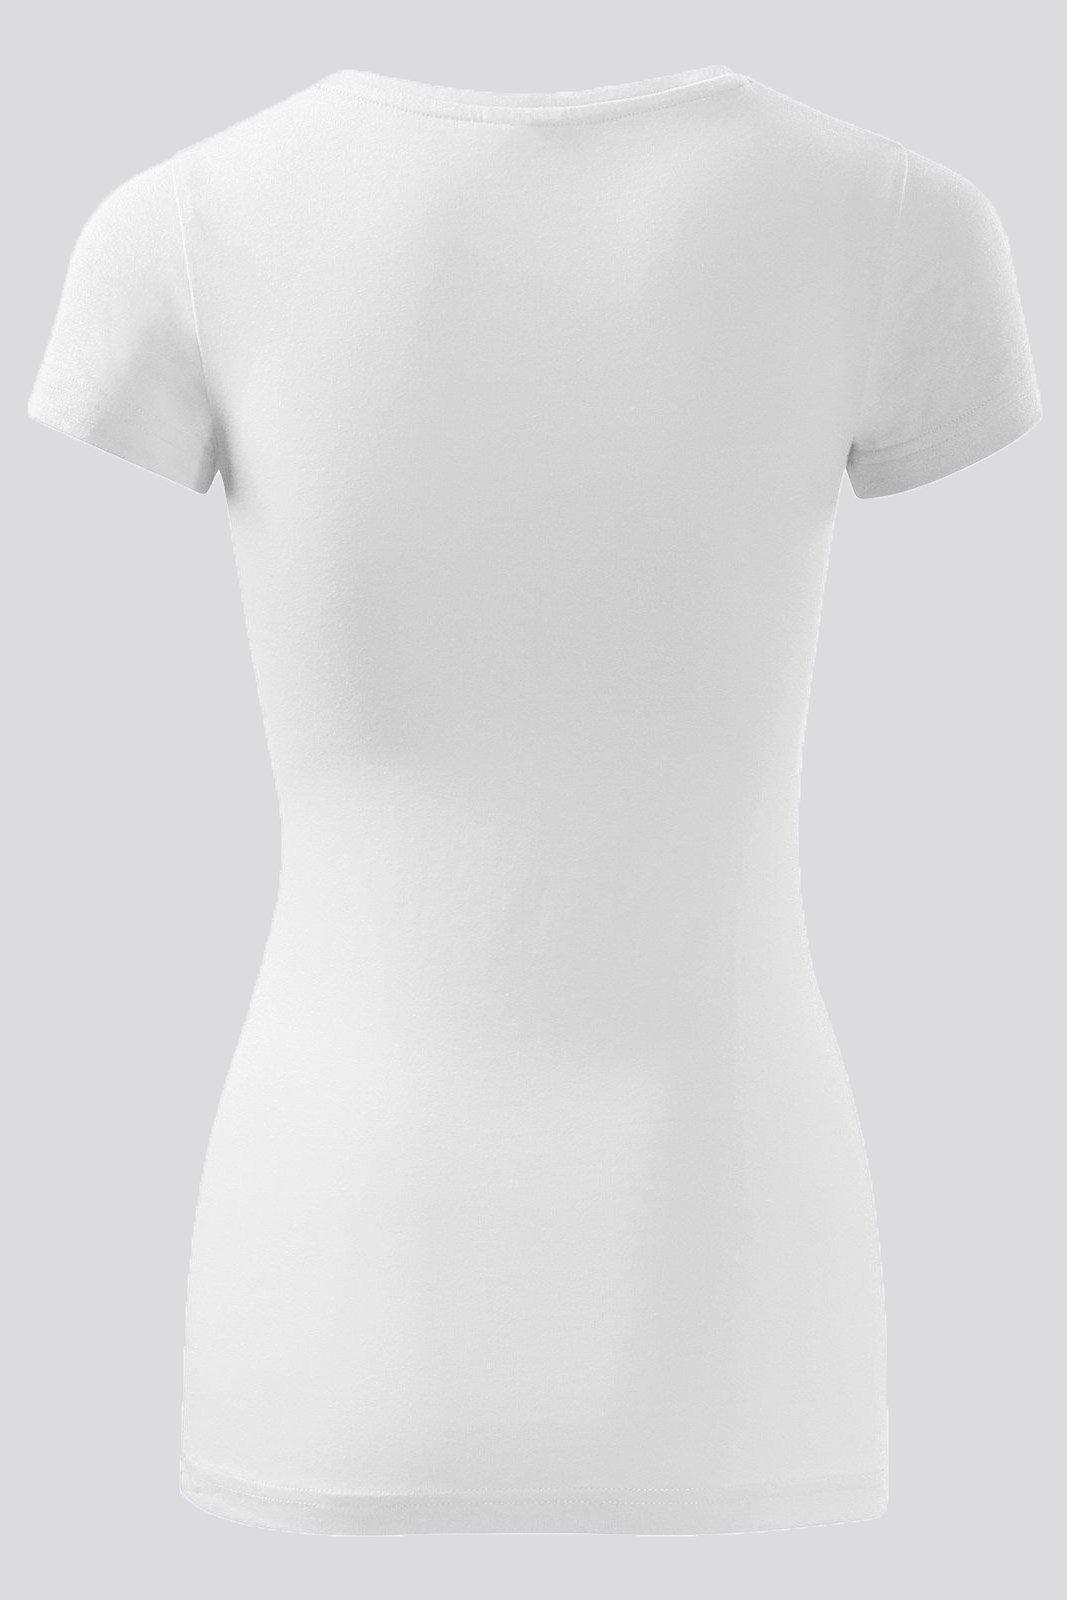 888b86cdd7e629 Koszulka damska z długim rękawem, AD139, biała White | Medical ...